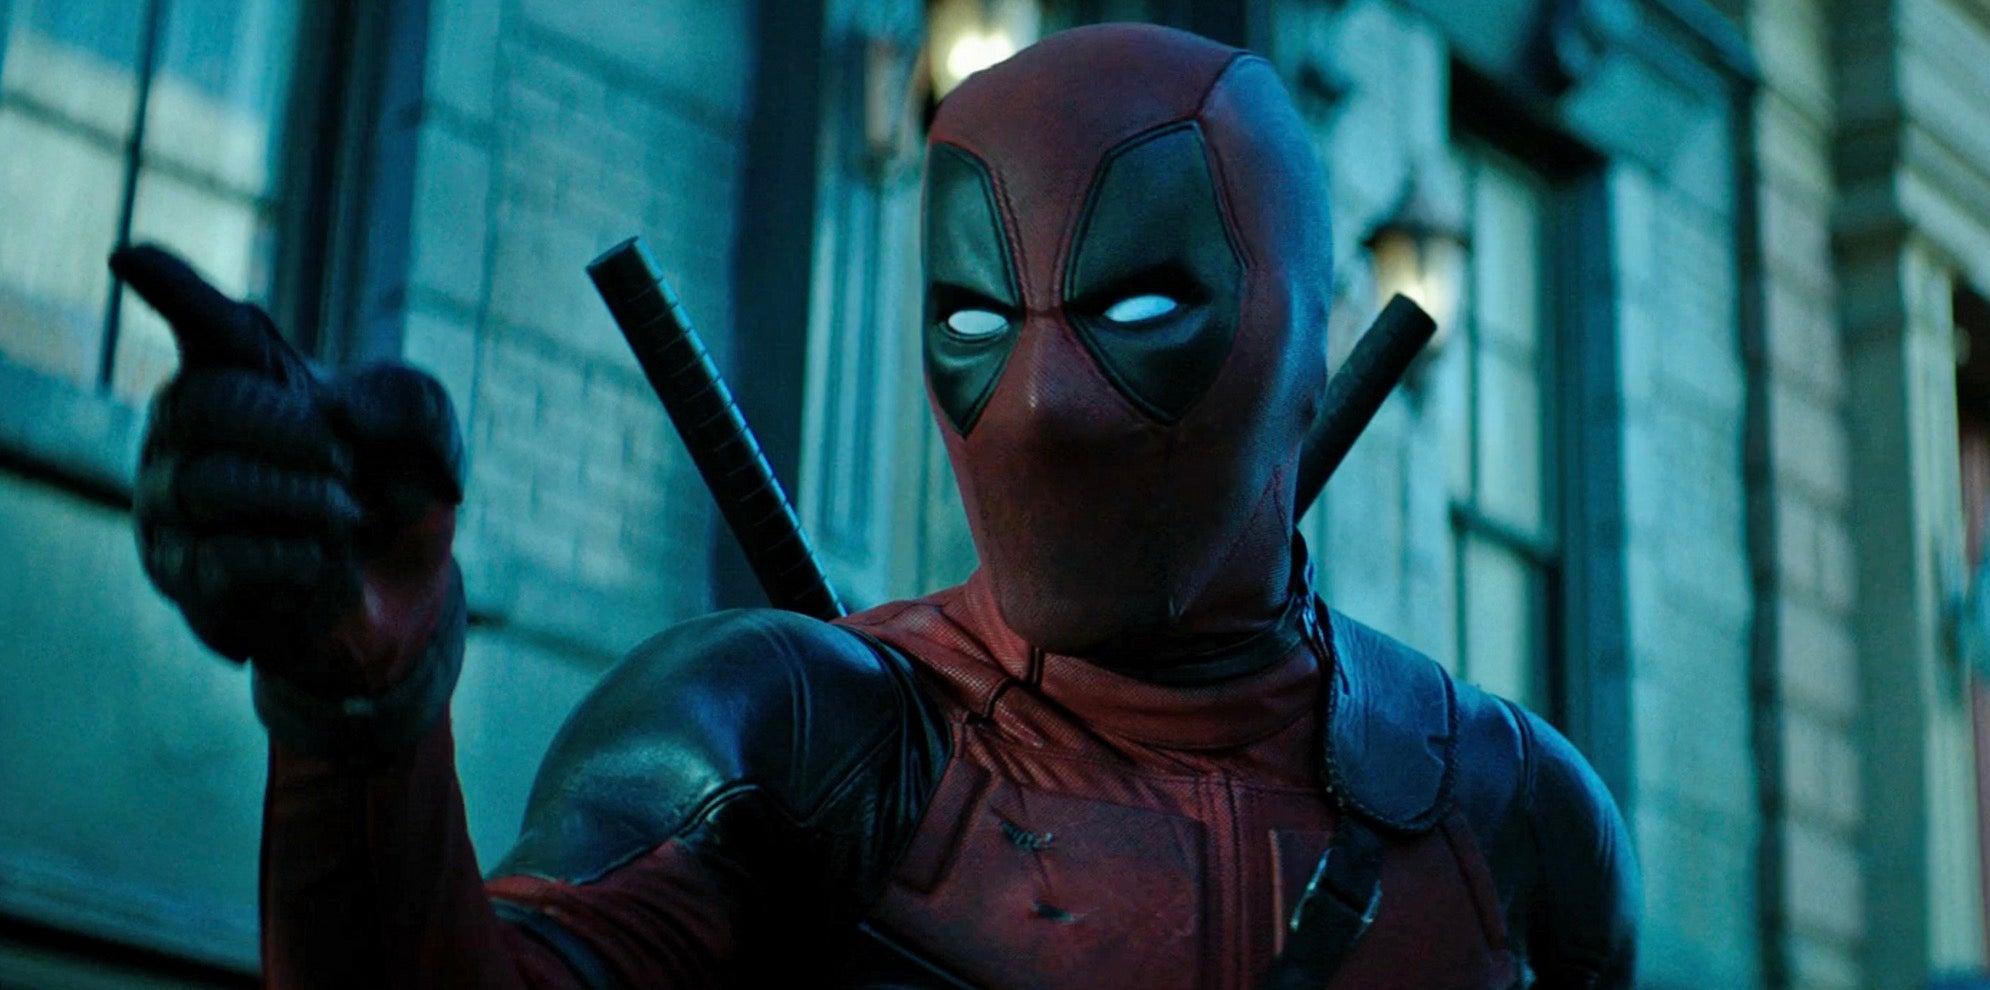 Three X-Men Movies, New Mutants, Deadpool 2,andDark Phoenix, Will Hit Theatres In 2018